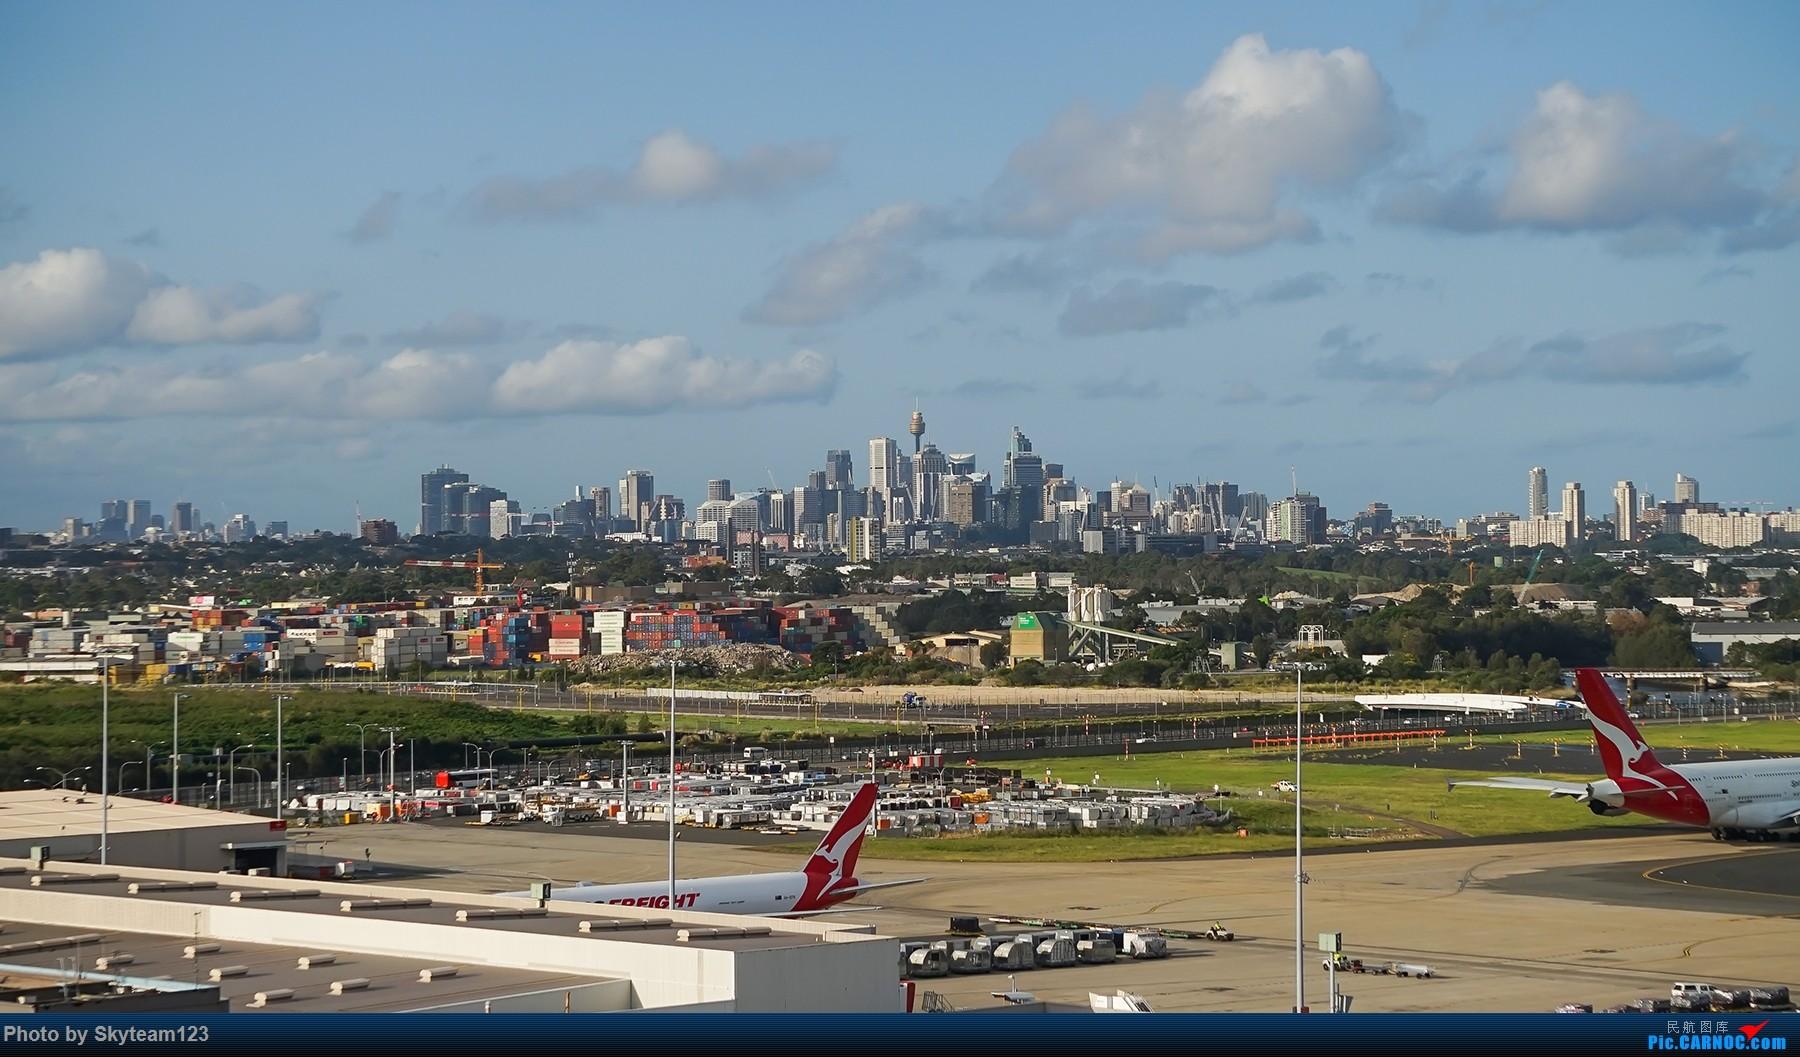 [原创]【SYD】解锁T1国际航站旁停车场顶楼拍机位 下午16R抵达的好货们以及夜拍轨迹    澳大利亚悉尼金斯福德·史密斯机场